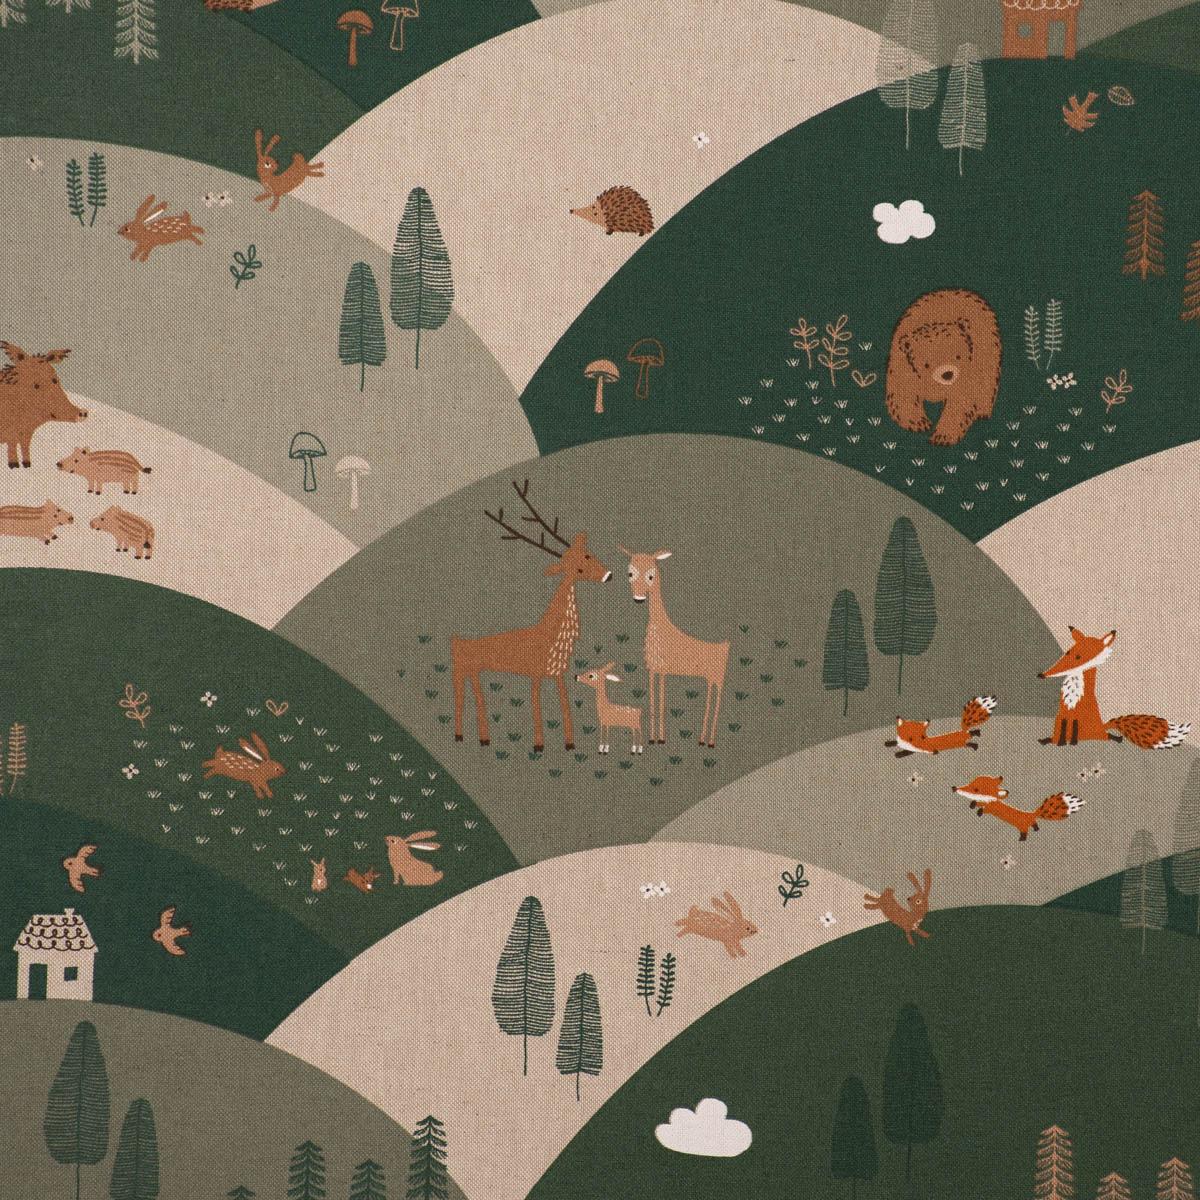 Dekostoff Halbpanama Leinenlook Mountain Forest Animals Tiere Hügel natur grün 1,40m Breite